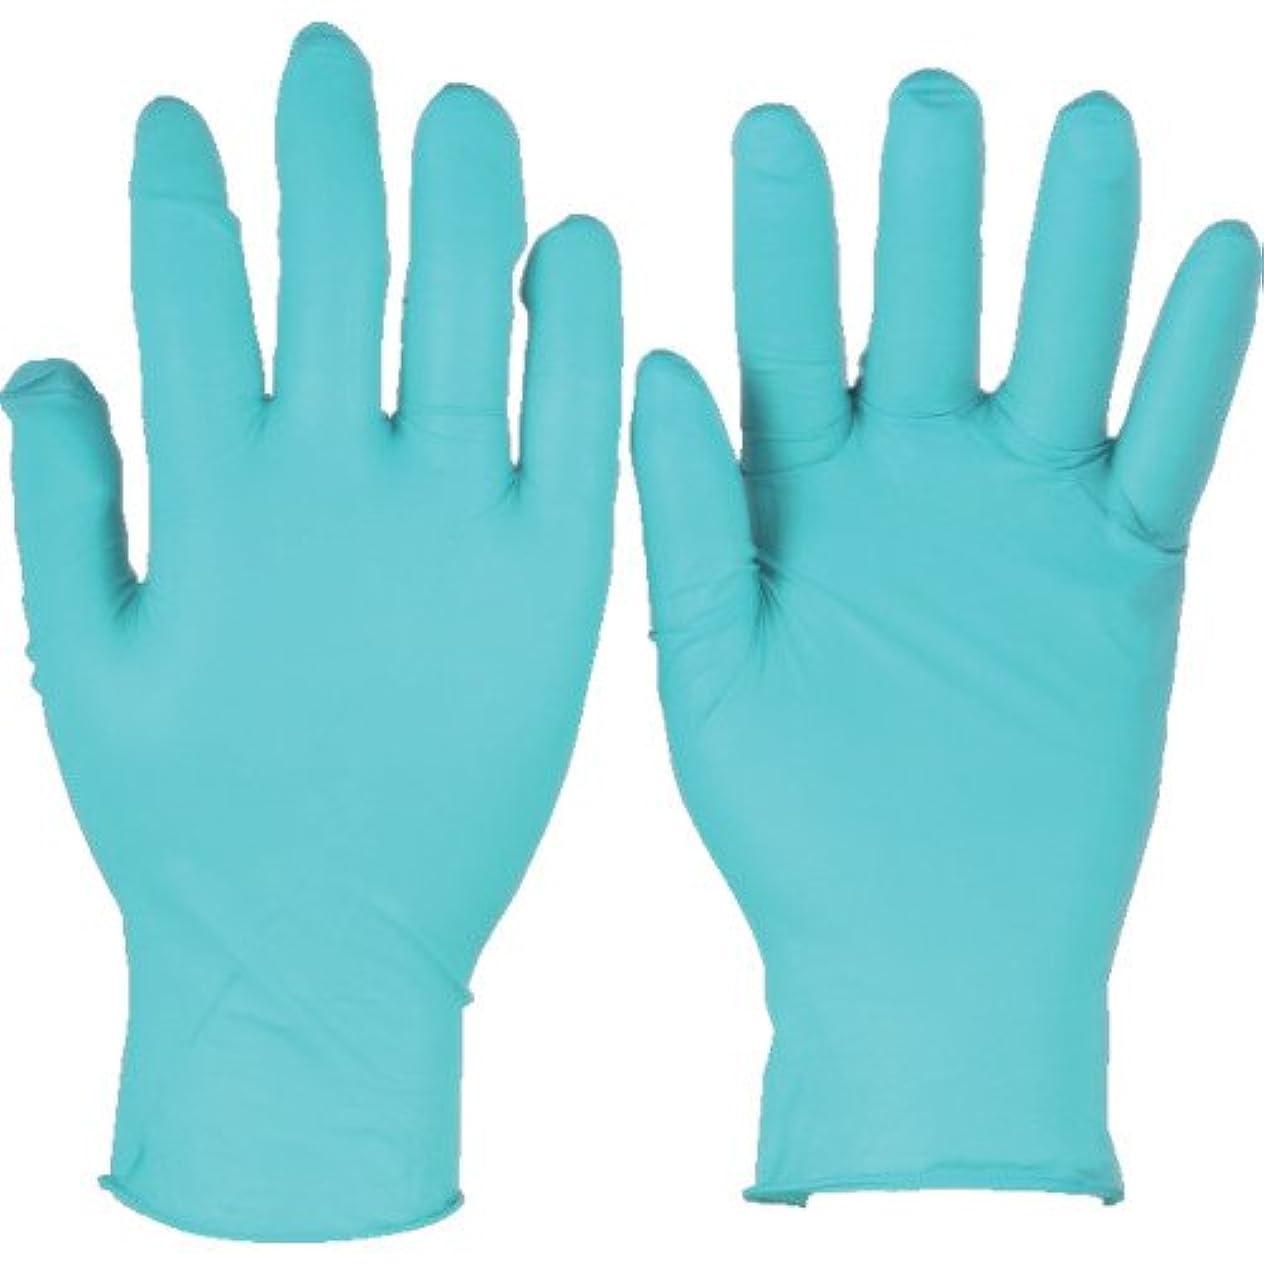 シェフ記憶に残る工場トラスコ中山 アンセル ニトリルゴム使い捨て手袋 タッチエヌタフ 粉付 Sサイズ 100枚入 925007